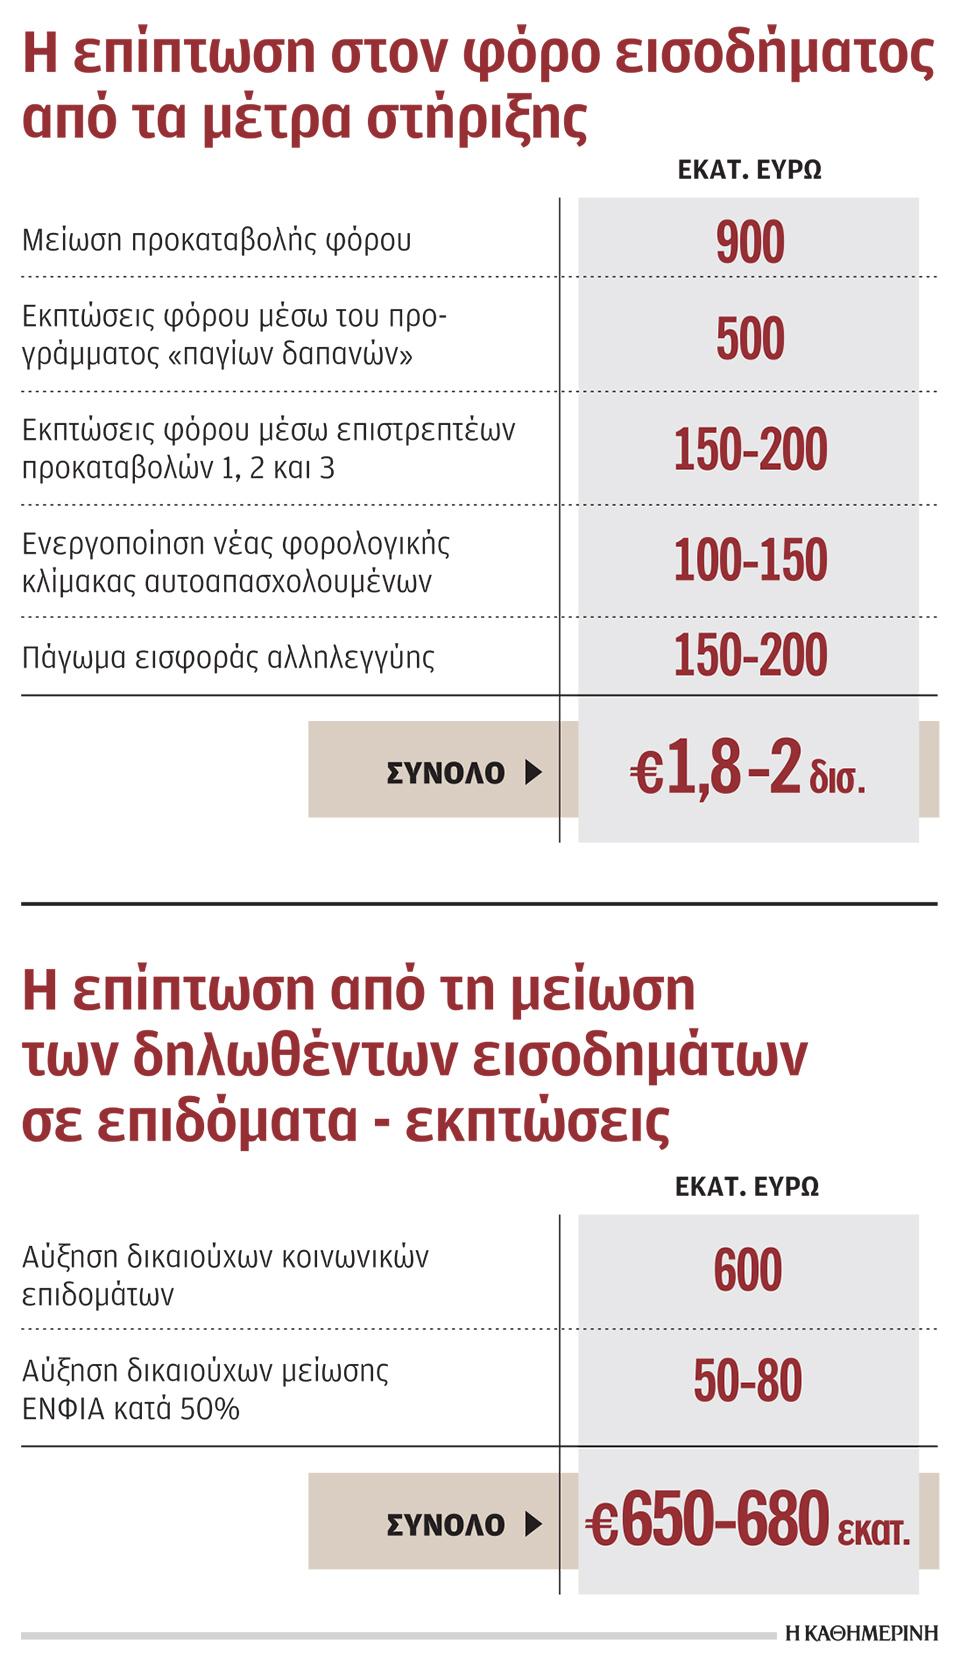 ligoteroi-foroi-2-2-5-dis-eyro-gia-ergazomenoys-kai-epicheiriseis0